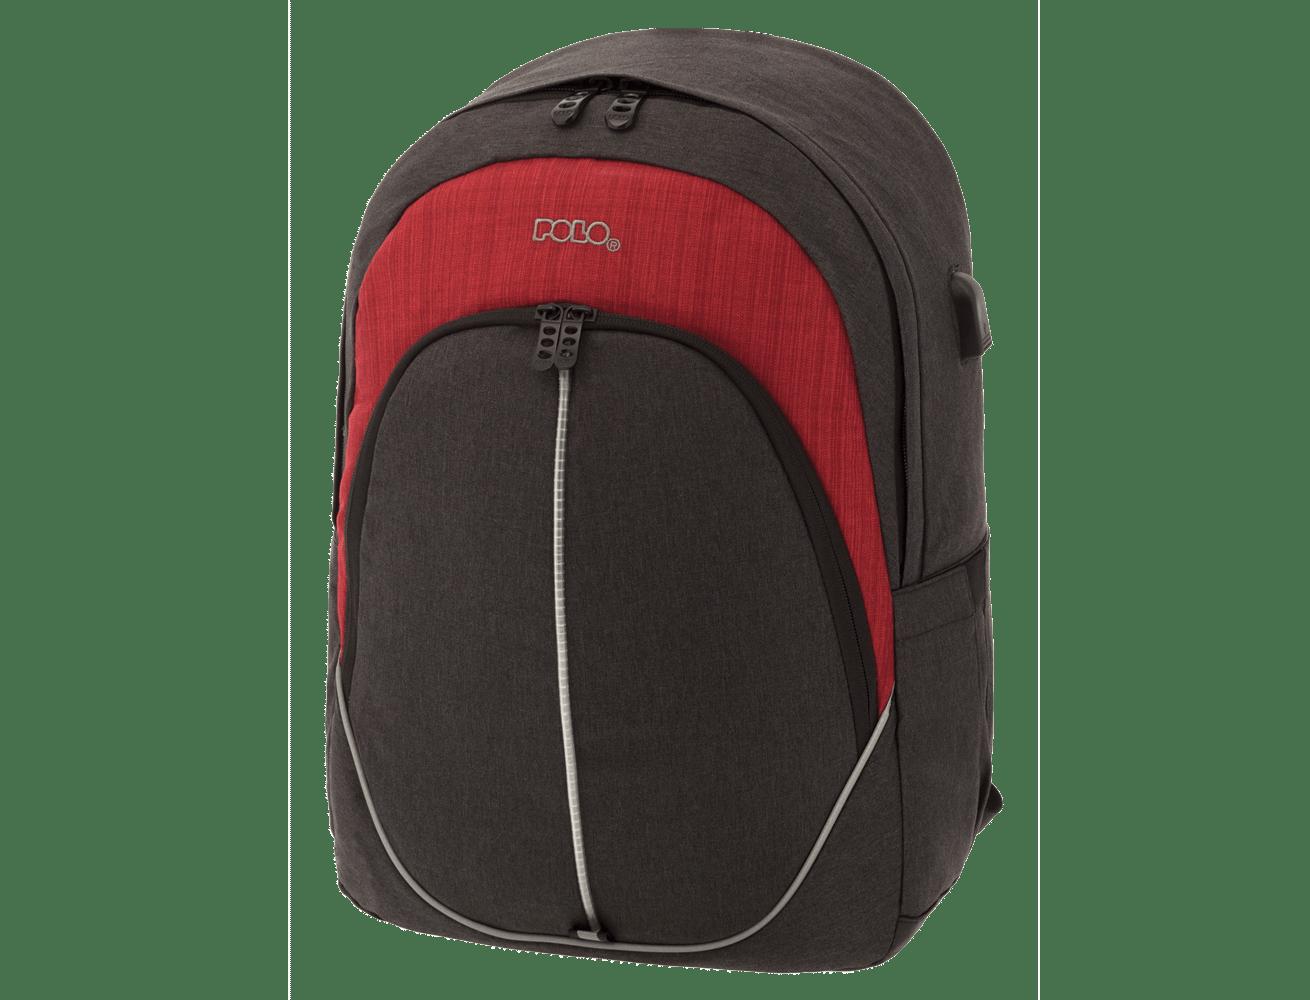 37cf8d1ea4 Σακίδιο πλάτης Polo Led - 9-01-250-30 - Lexicon Shop